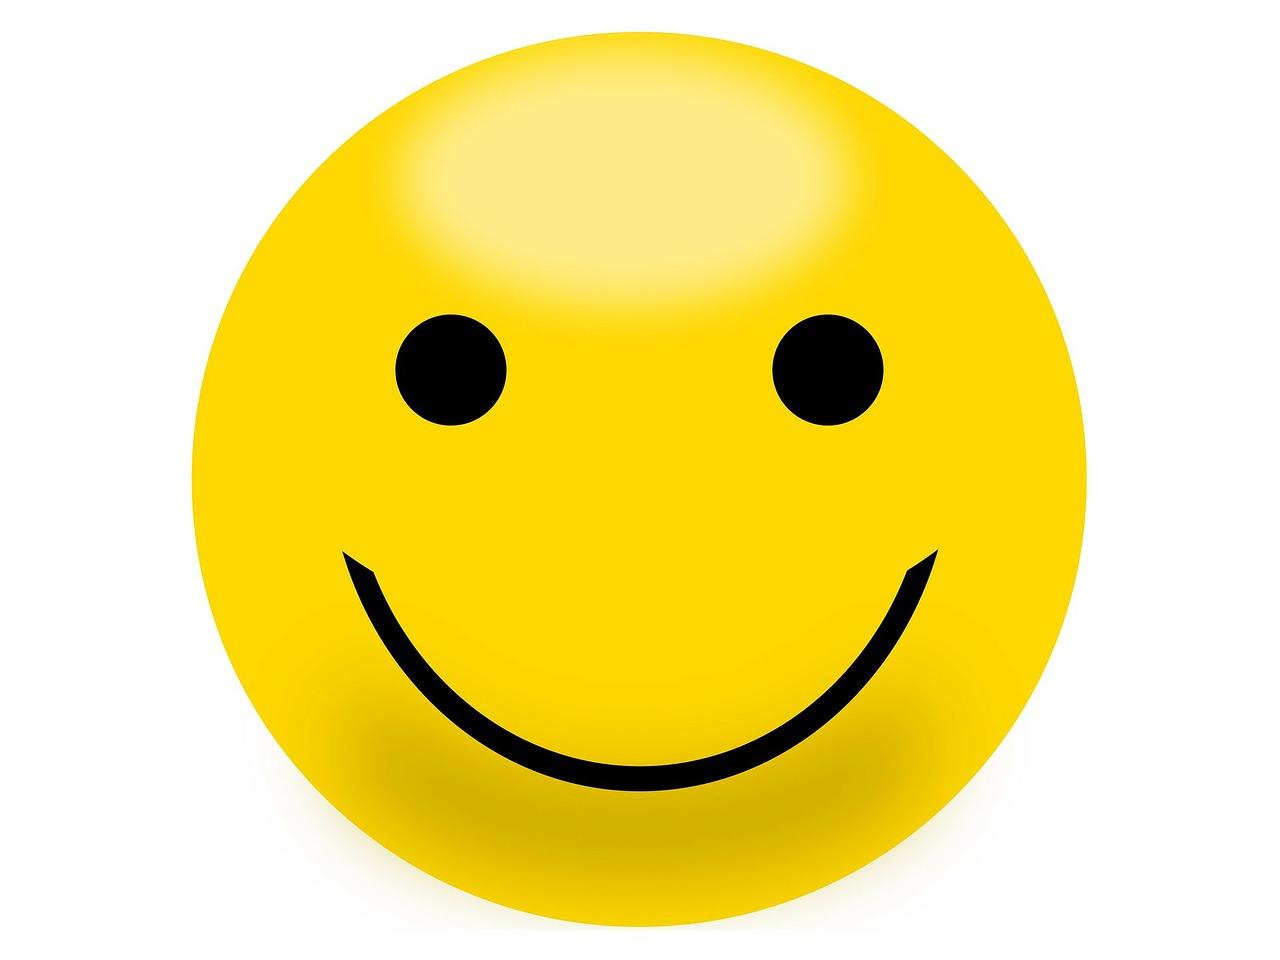 Znalezione obrazy dla zapytania uśmiech obrazki